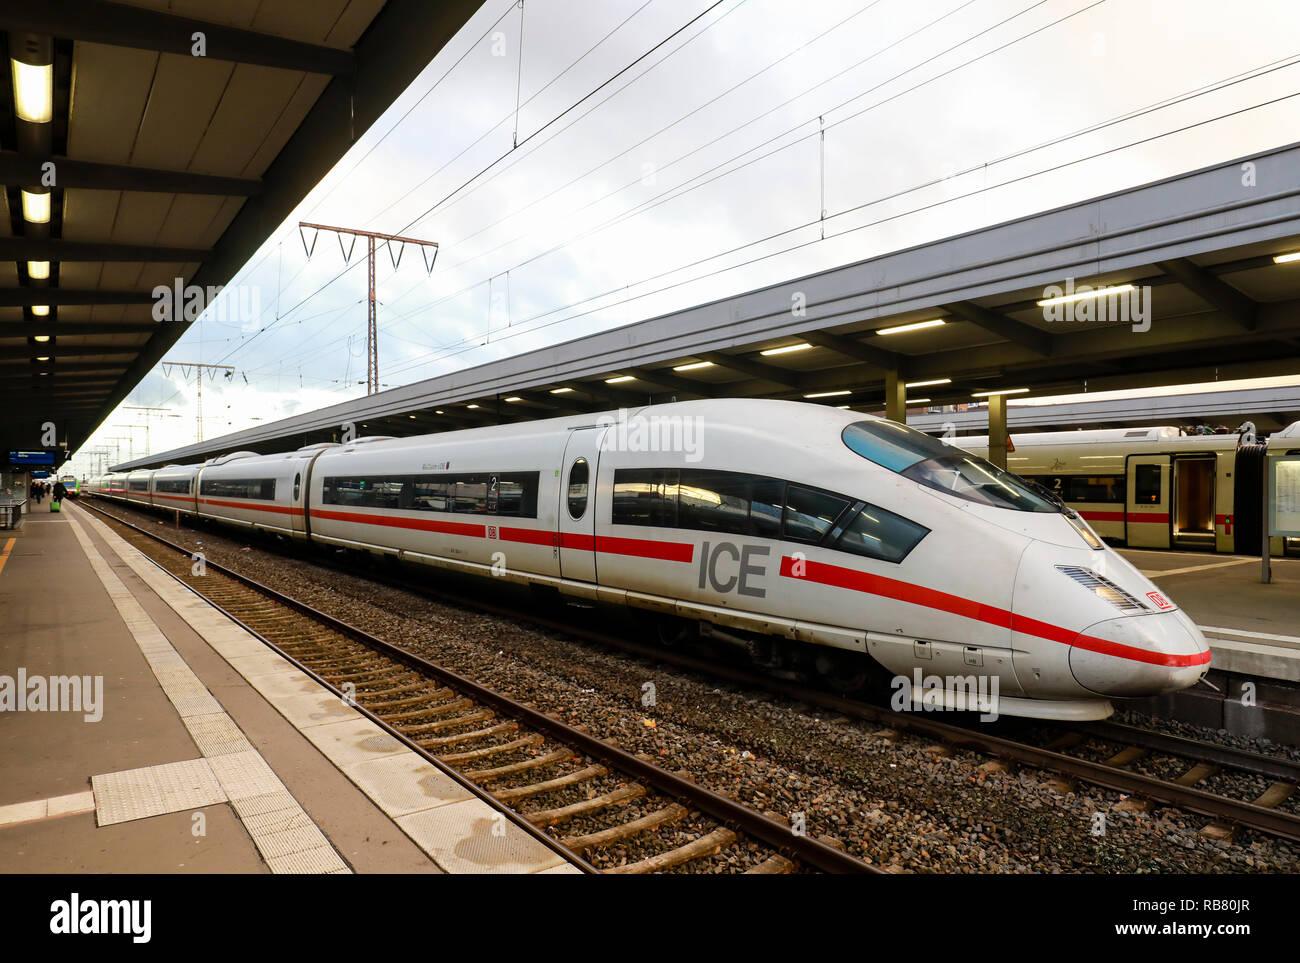 Essen, North Rhine-Westphalia, Ruhr area, Germany - ICE train at Essen central station. Essen, Nordrhein-Westfalen, Ruhrgebiet, Deutschland - ICE-Zug  - Stock Image